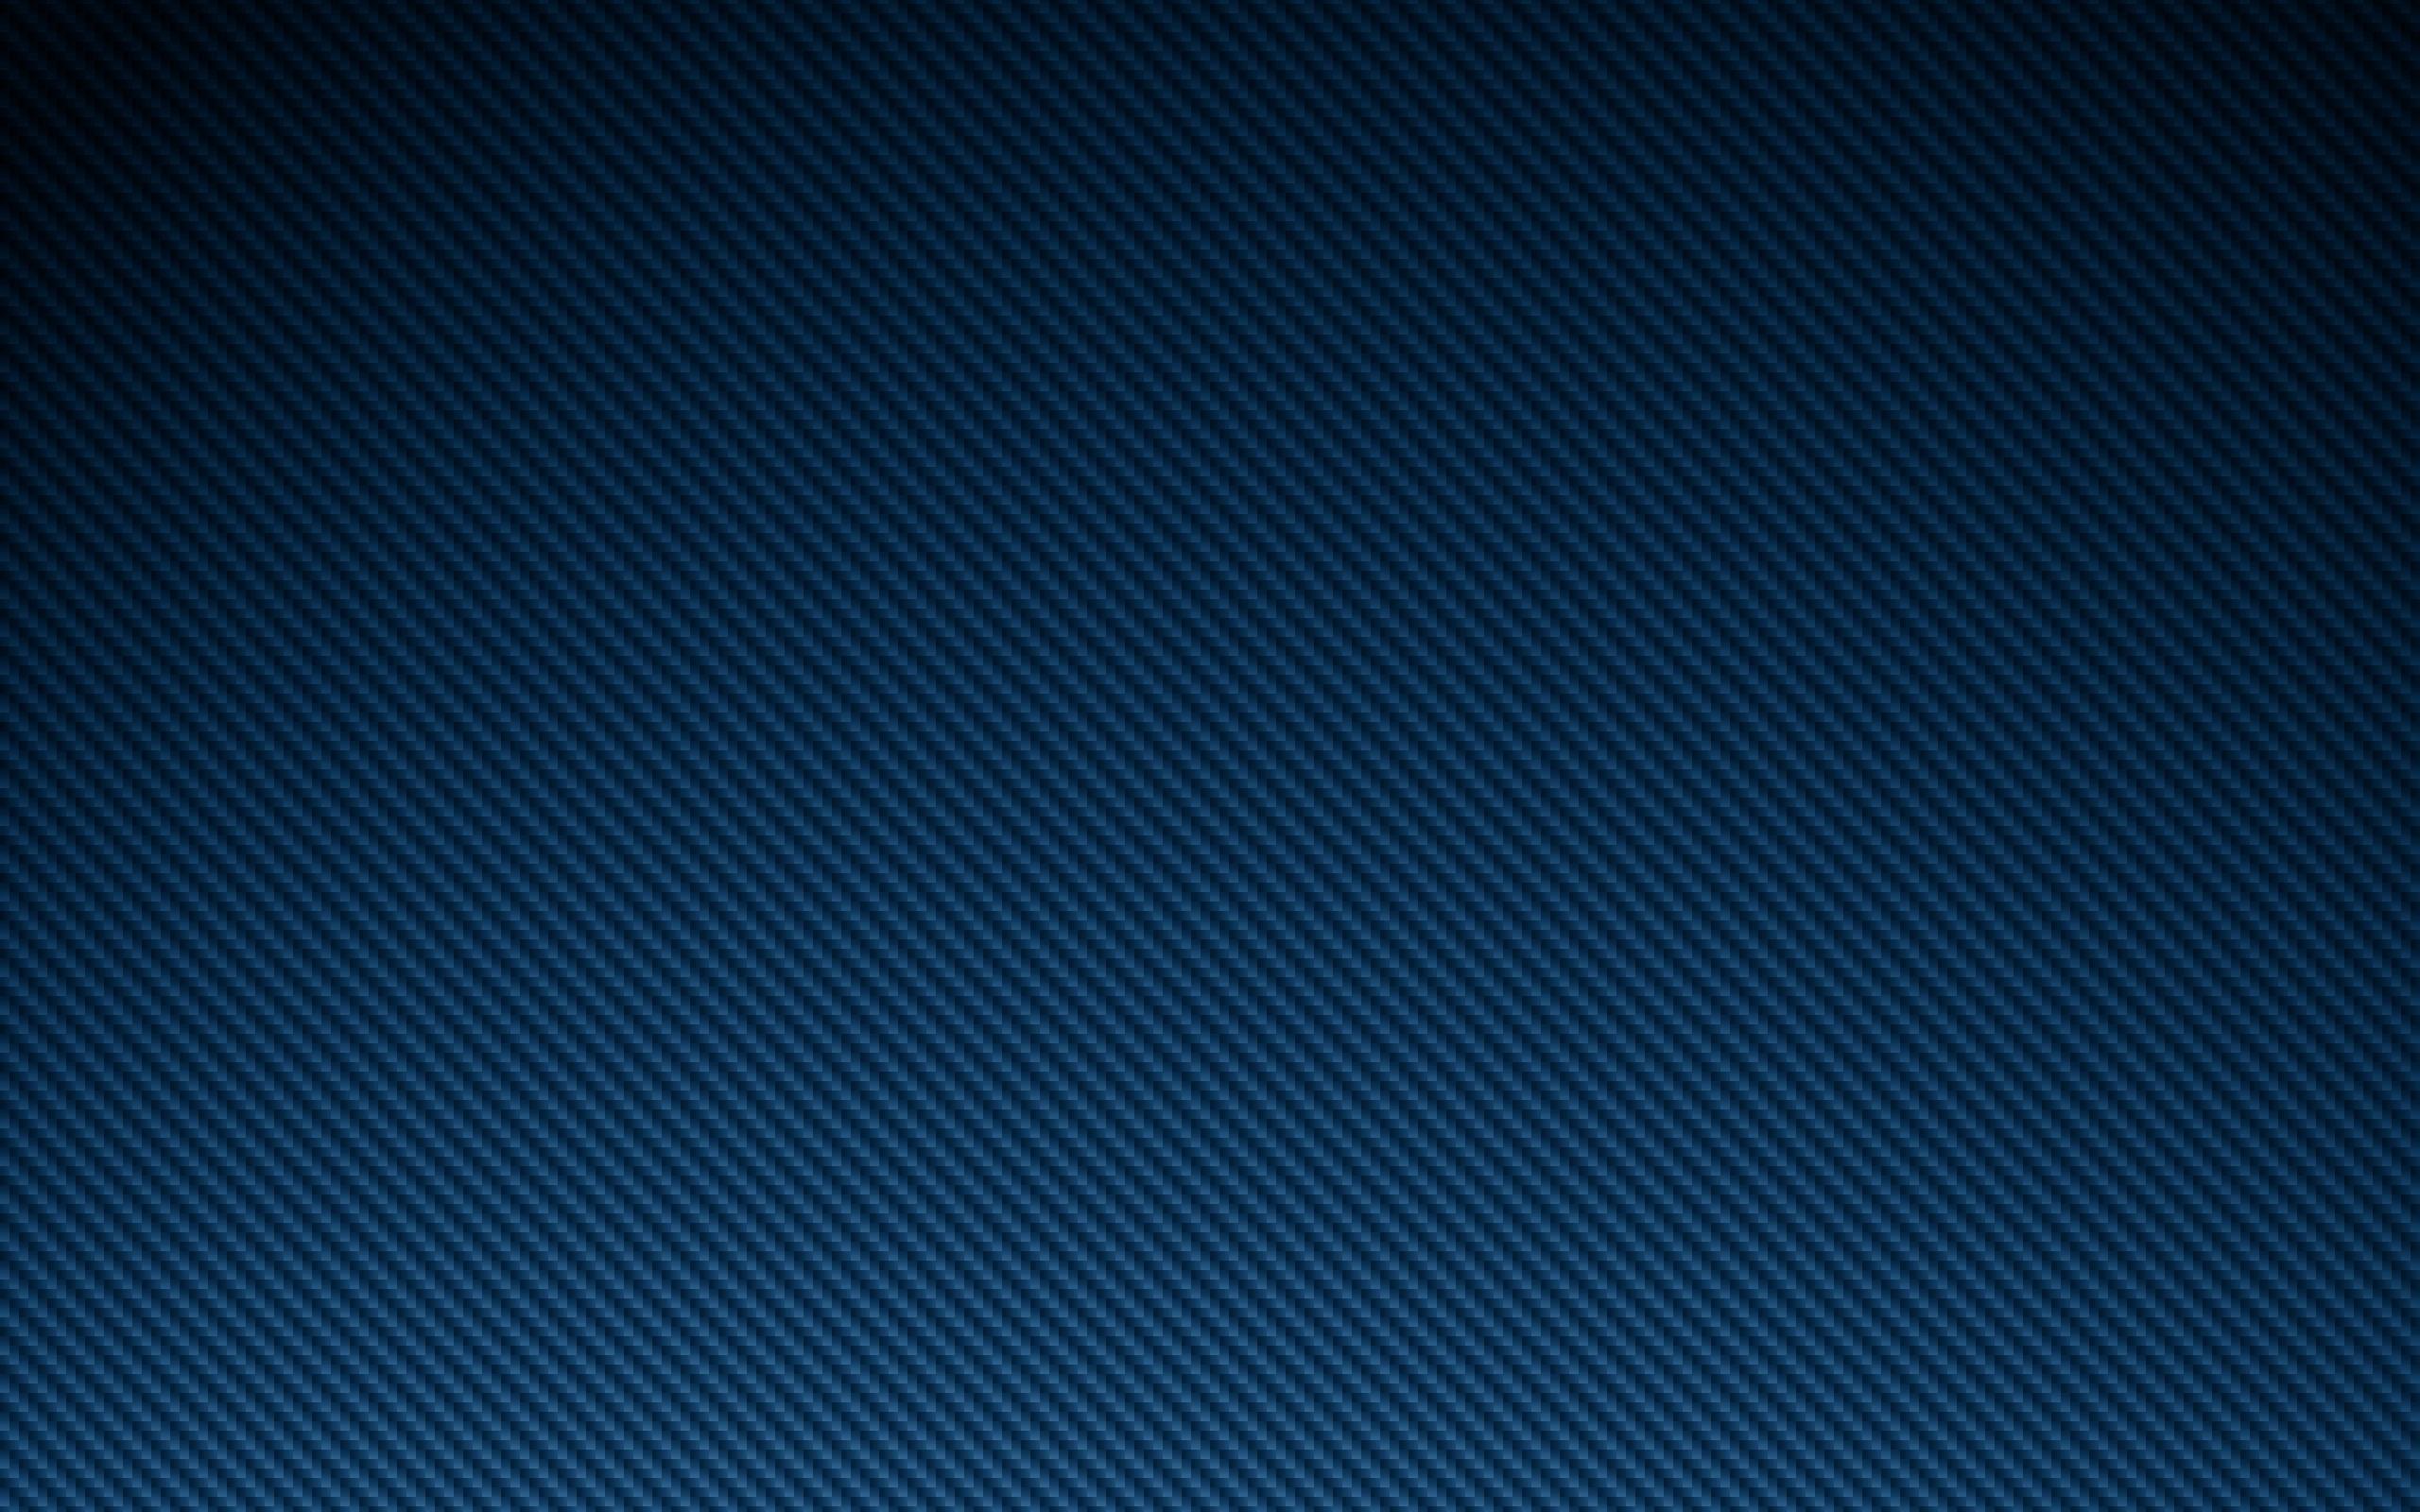 Hipster Fall Desktop Wallpaper Blue Carbon Fiber Wallpaper Hd Pixelstalk Net